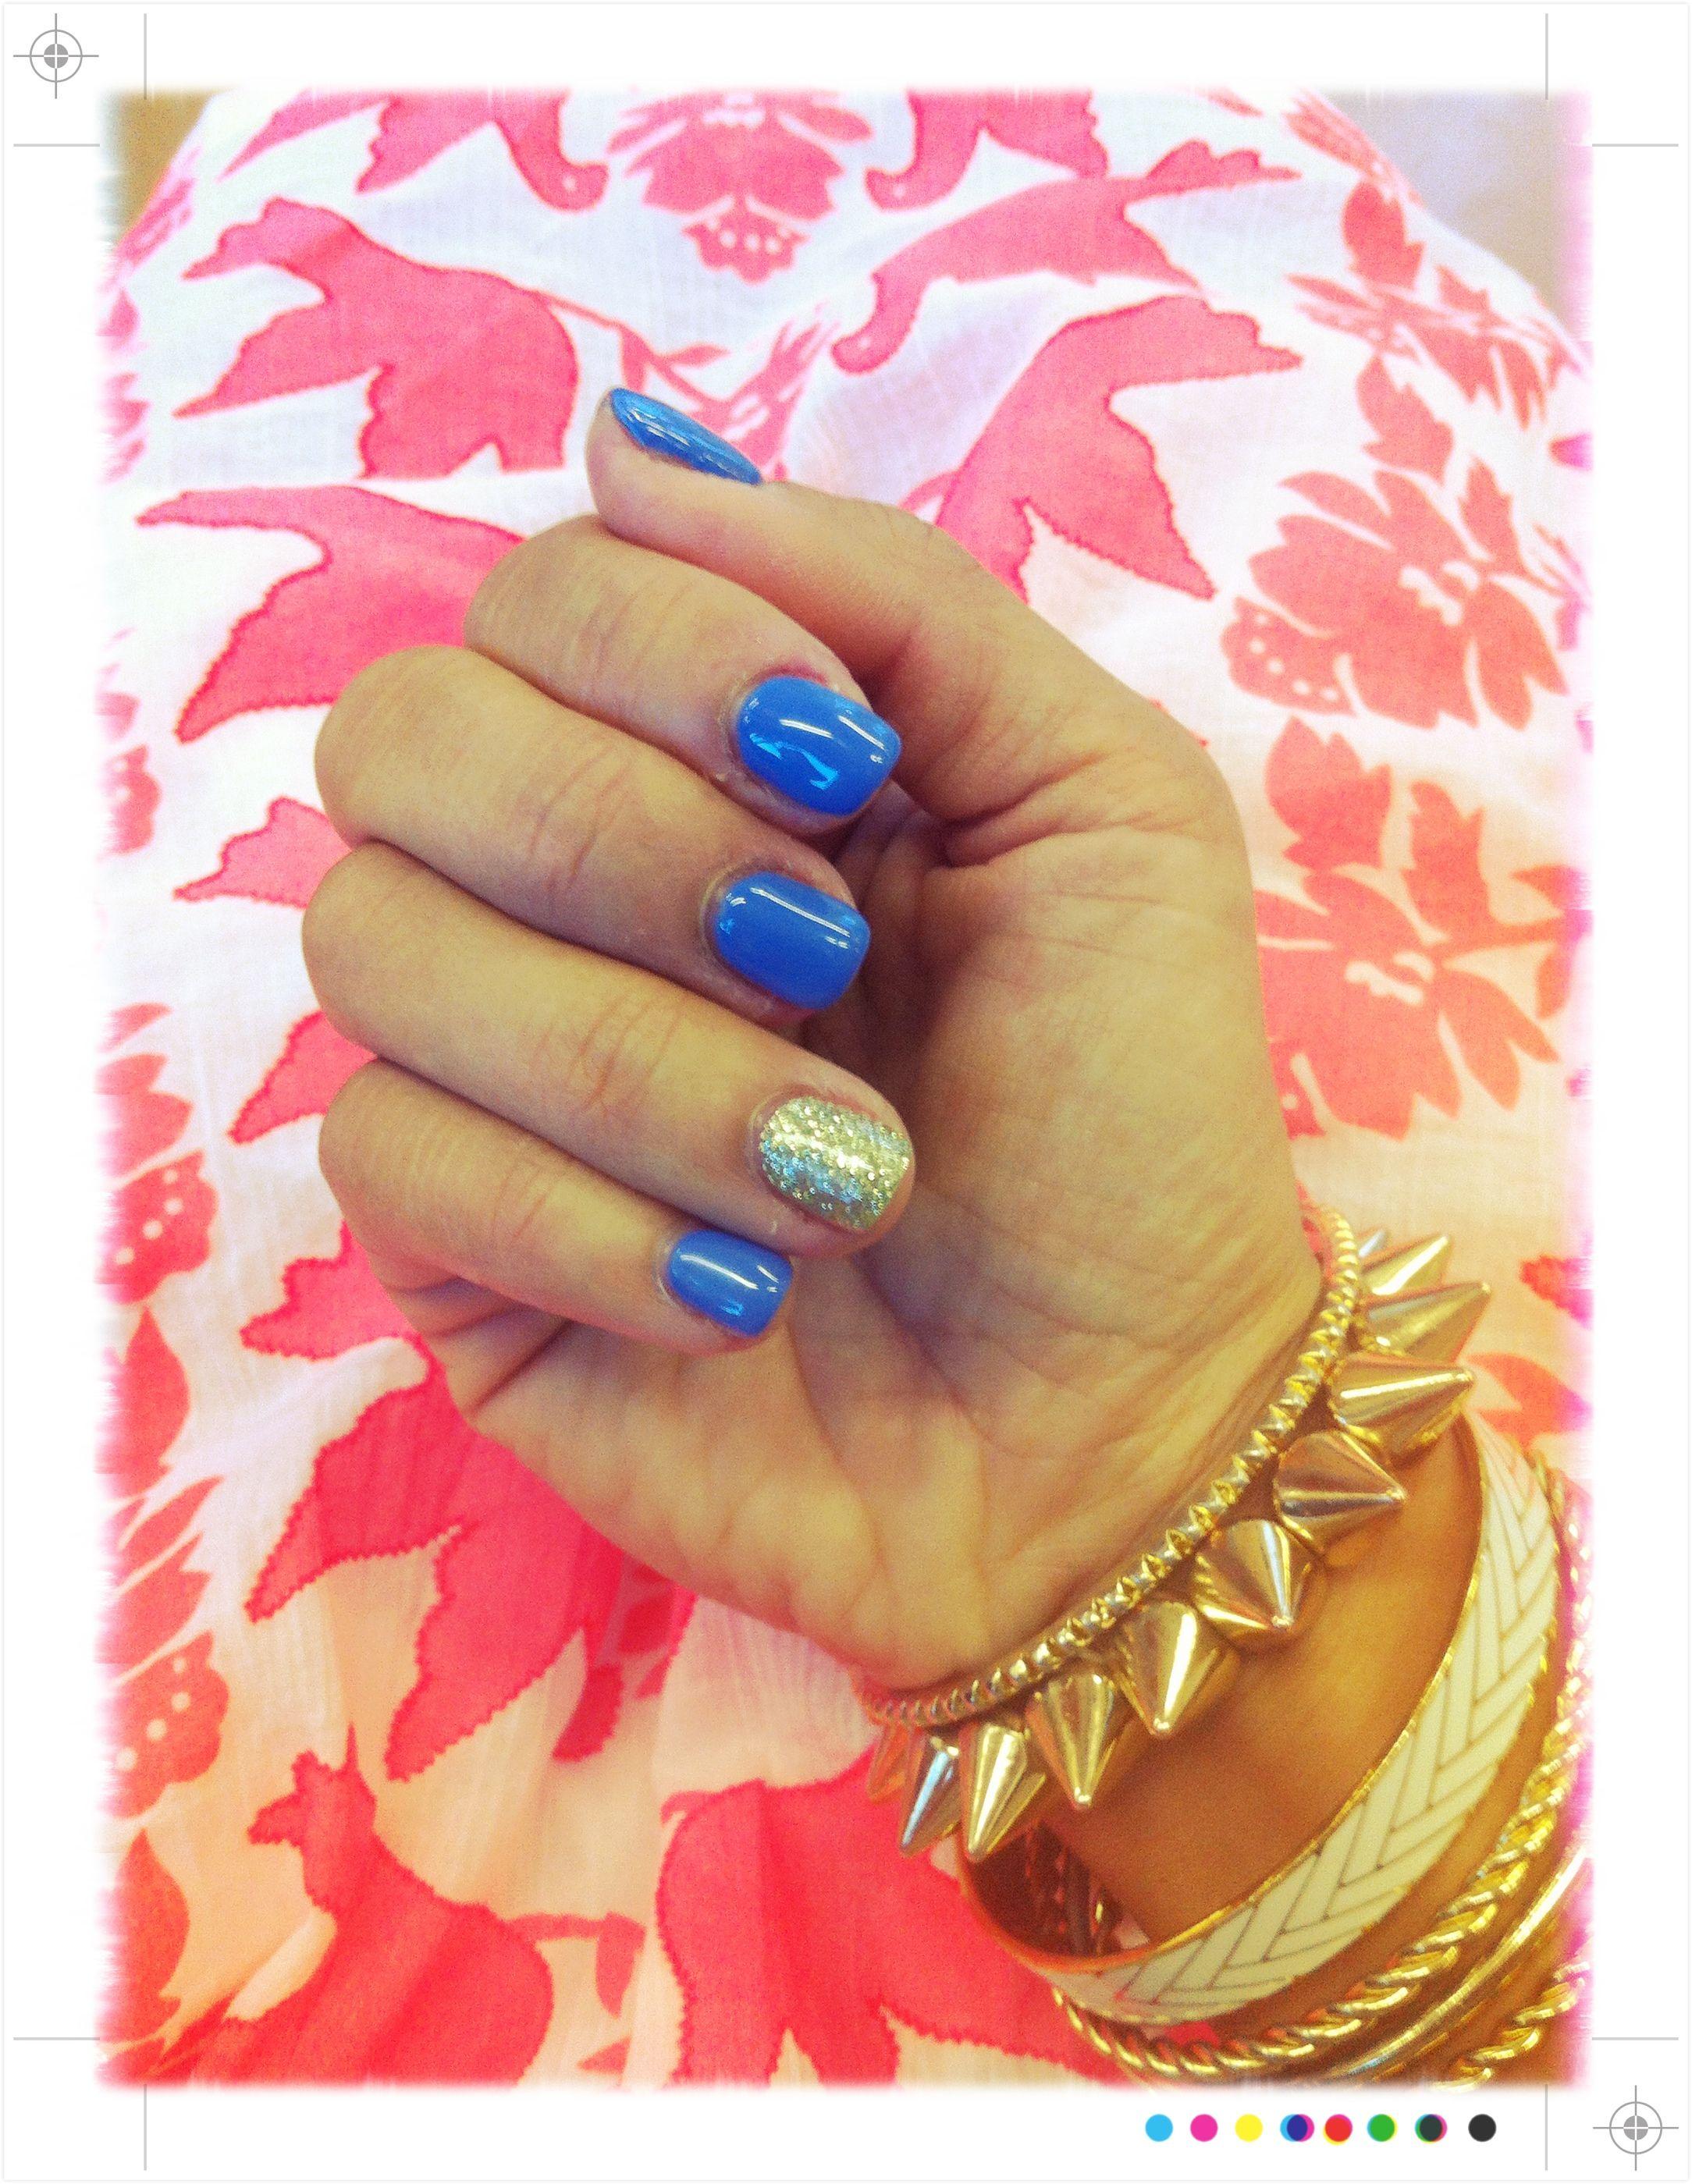 Dolphin nail/2014 May